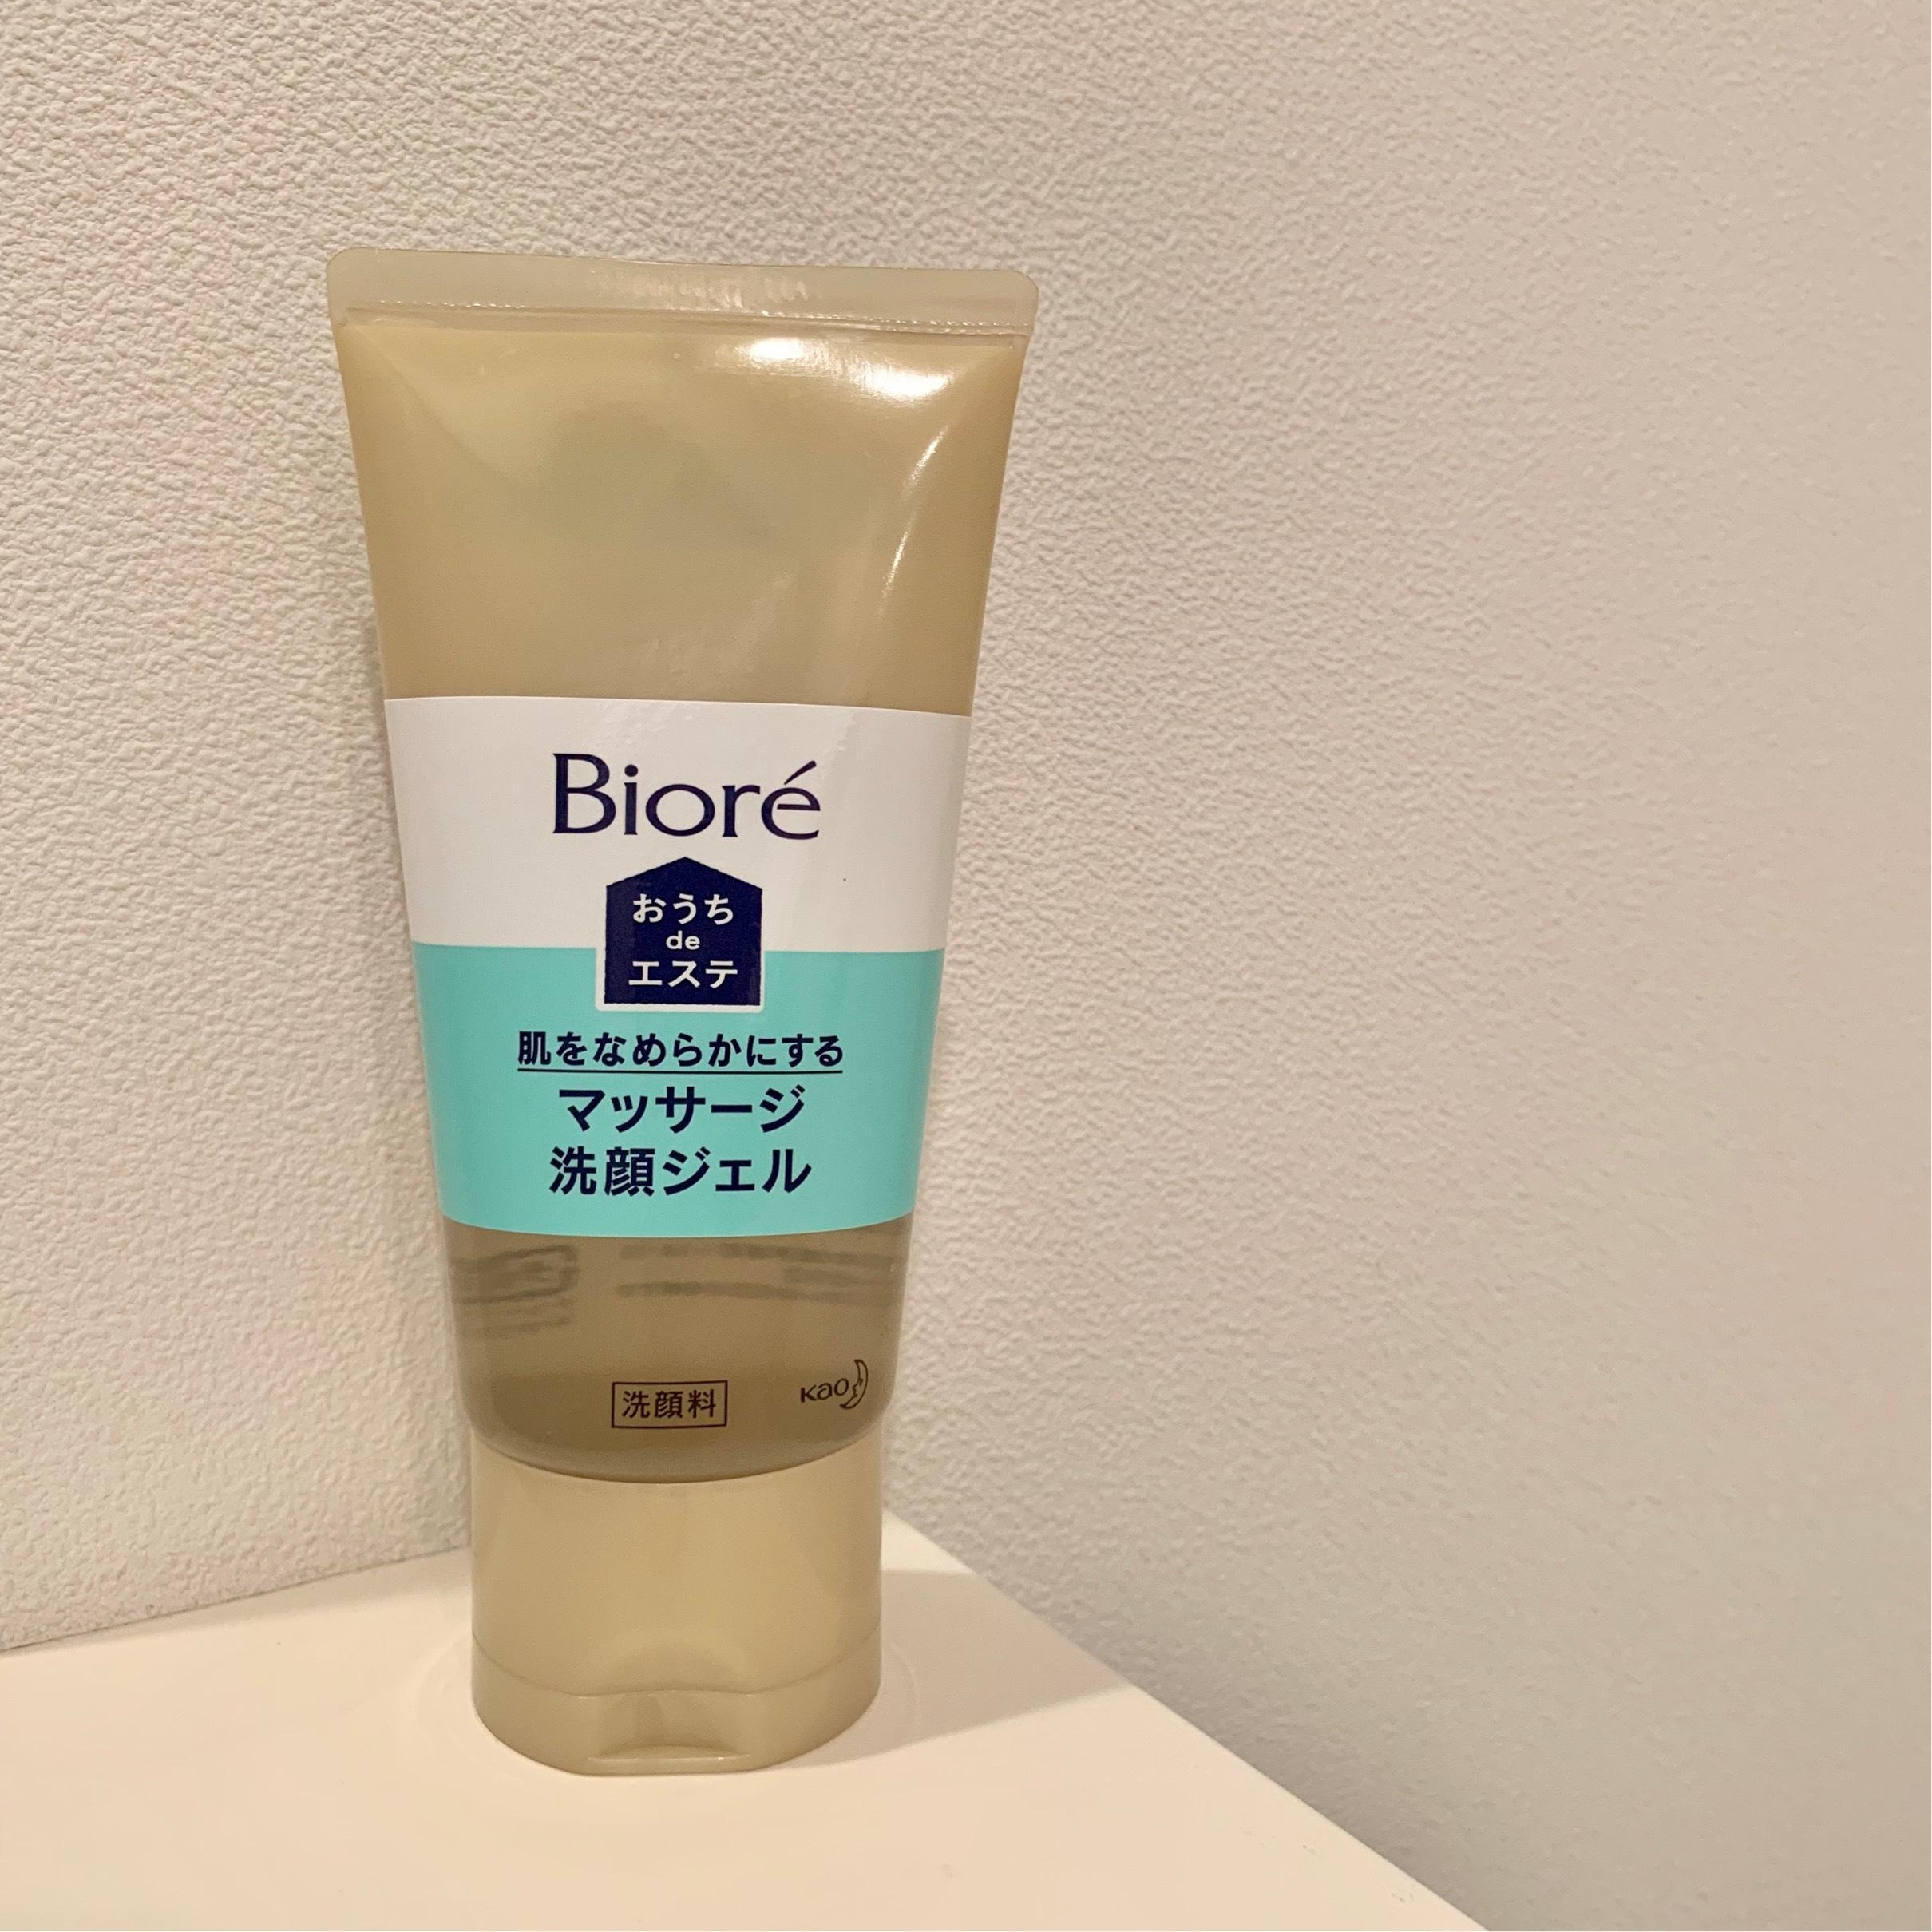 ♥毎日の洗顔でなめらか肌GET♥_1_2